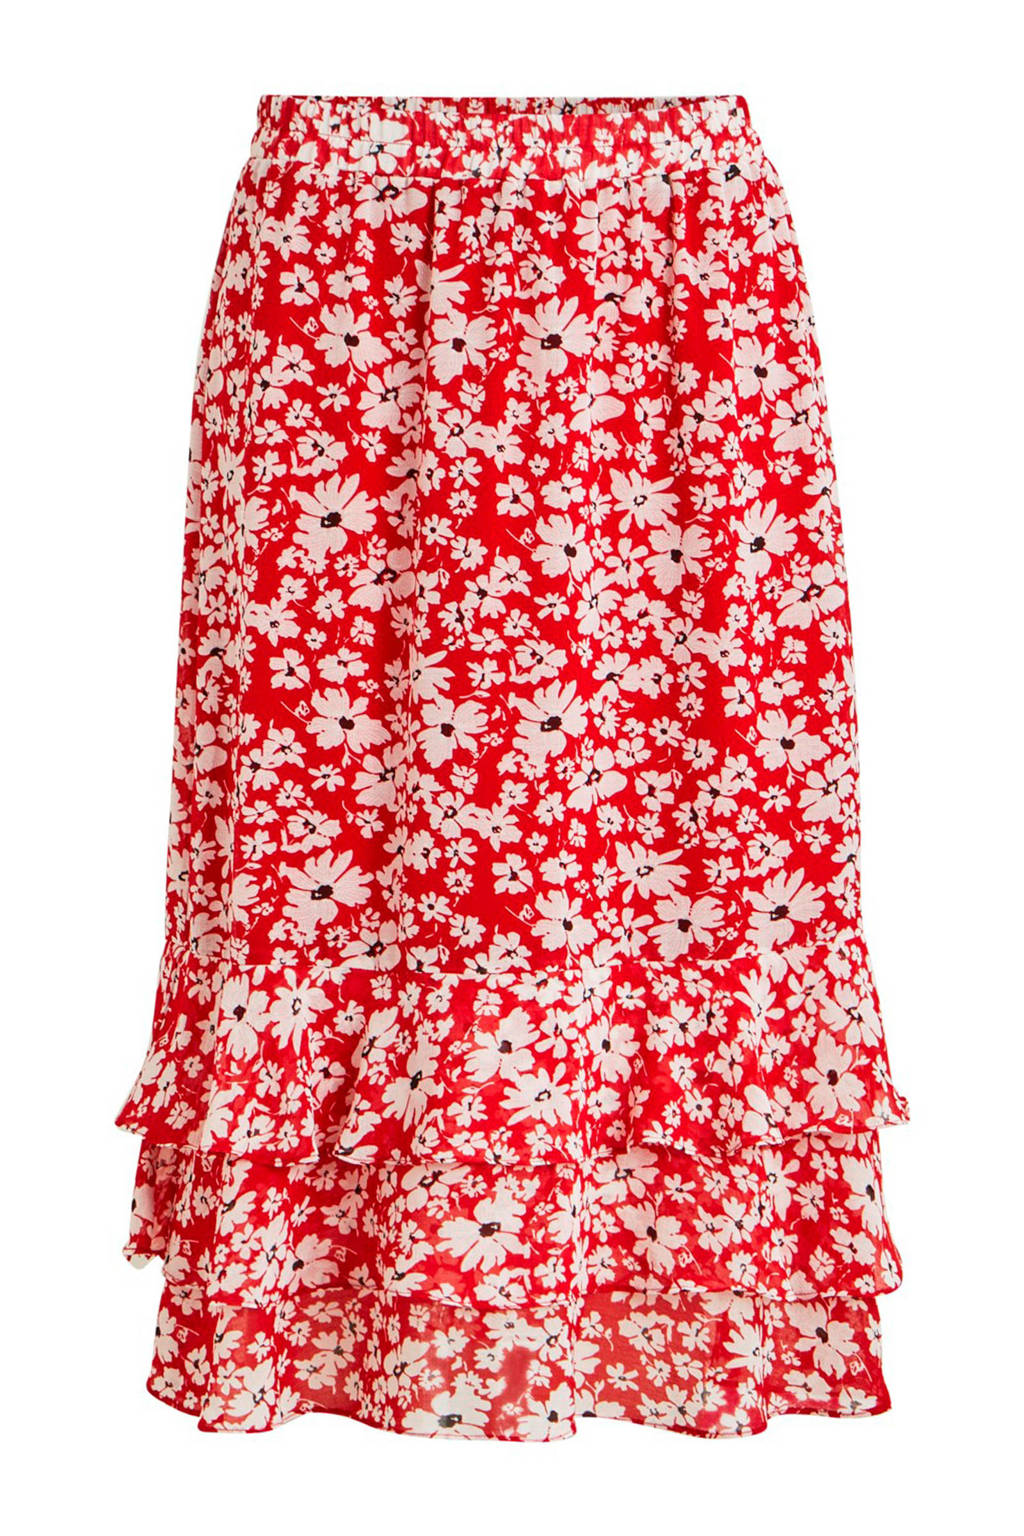 VILA gebloemde rok met volants, Rood/wit